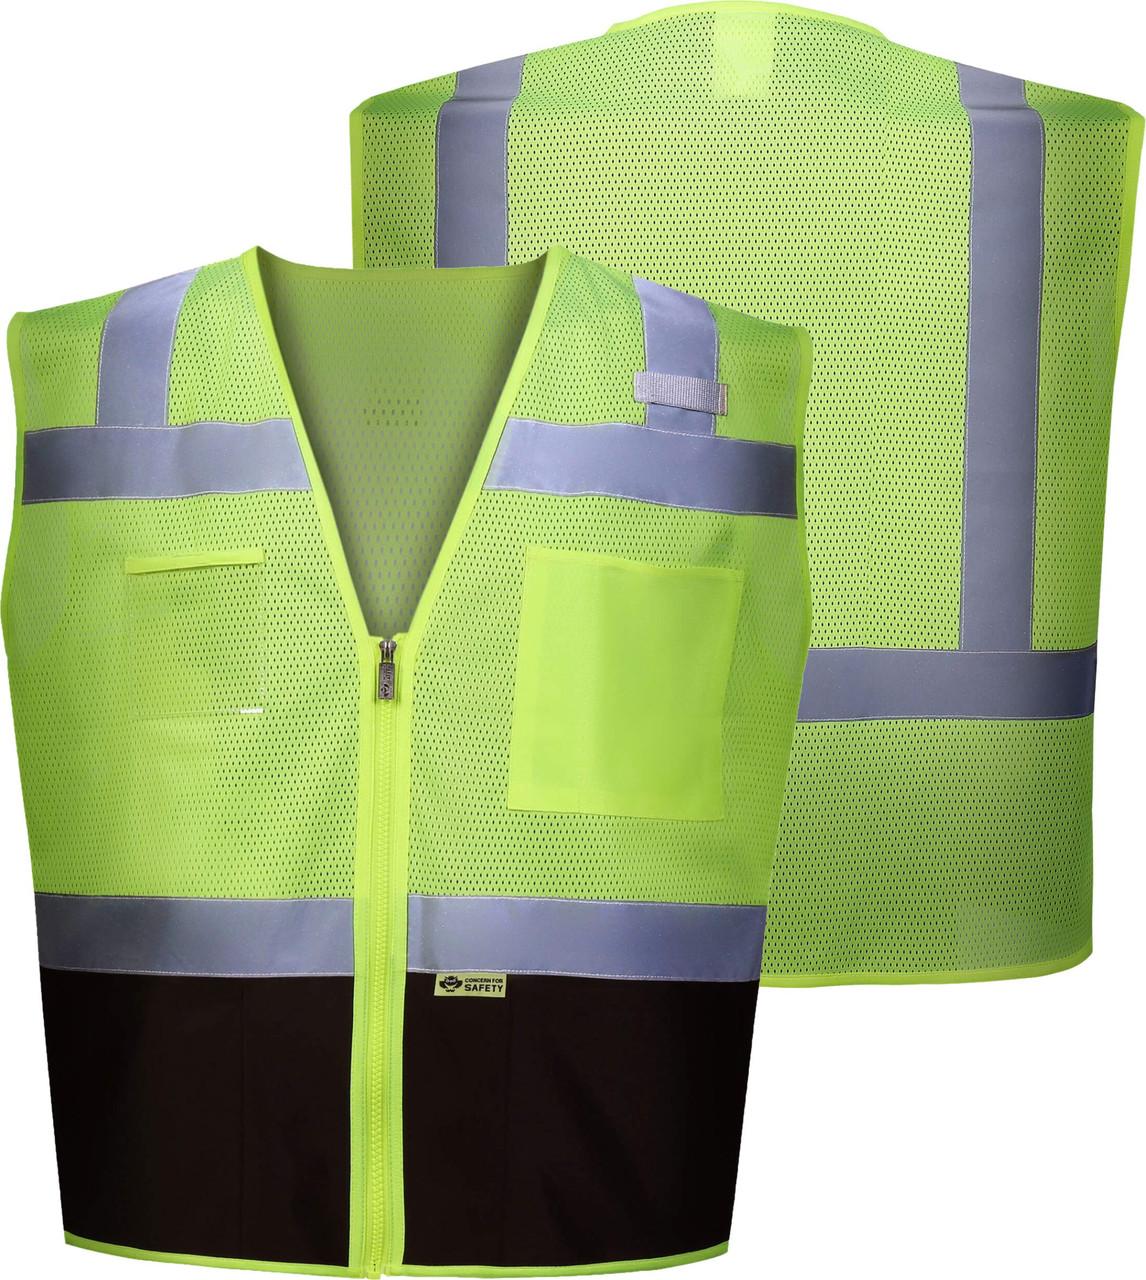 Black Bottom Class 2 Safety Vest | ANSI Class 2 Two tone Safety Vest | Black Zipper front Safety Vest | Lime/Black Reflective Vest